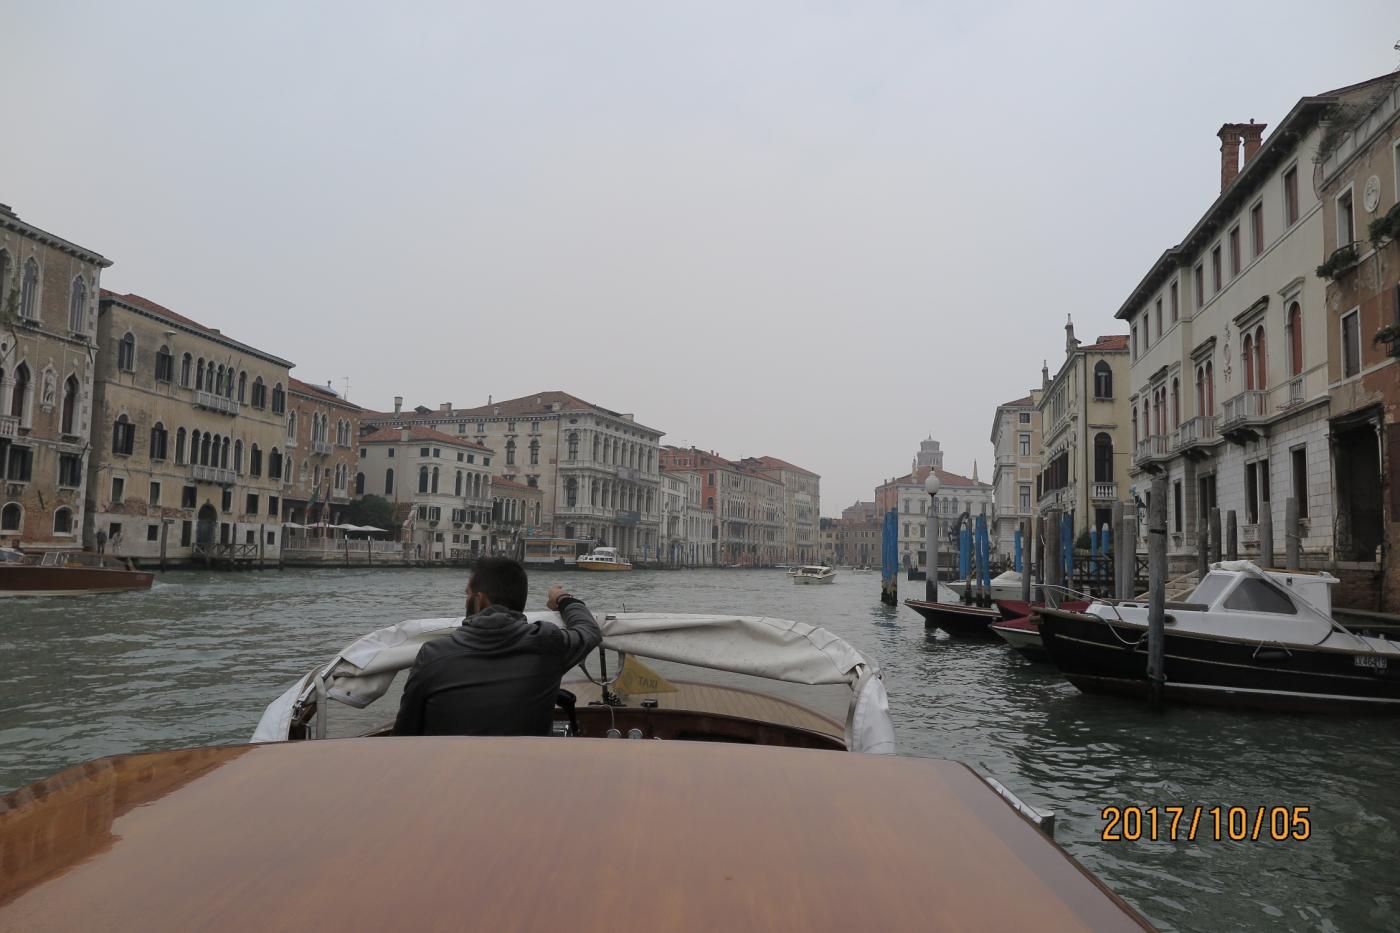 水乡威尼斯:无限的魅力永久的回忆_图1-45